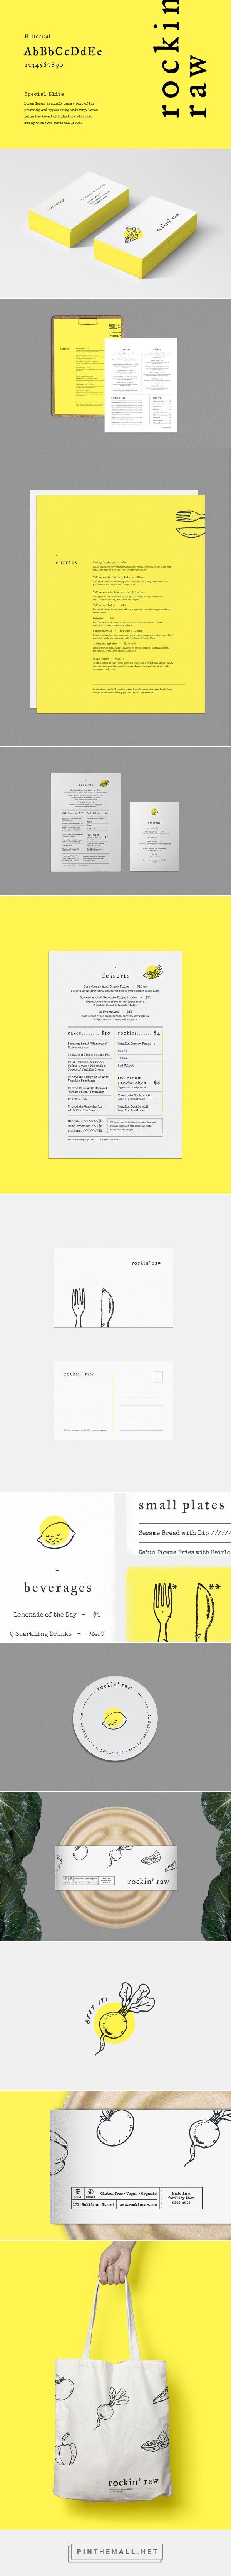 687 best Design images on Pinterest